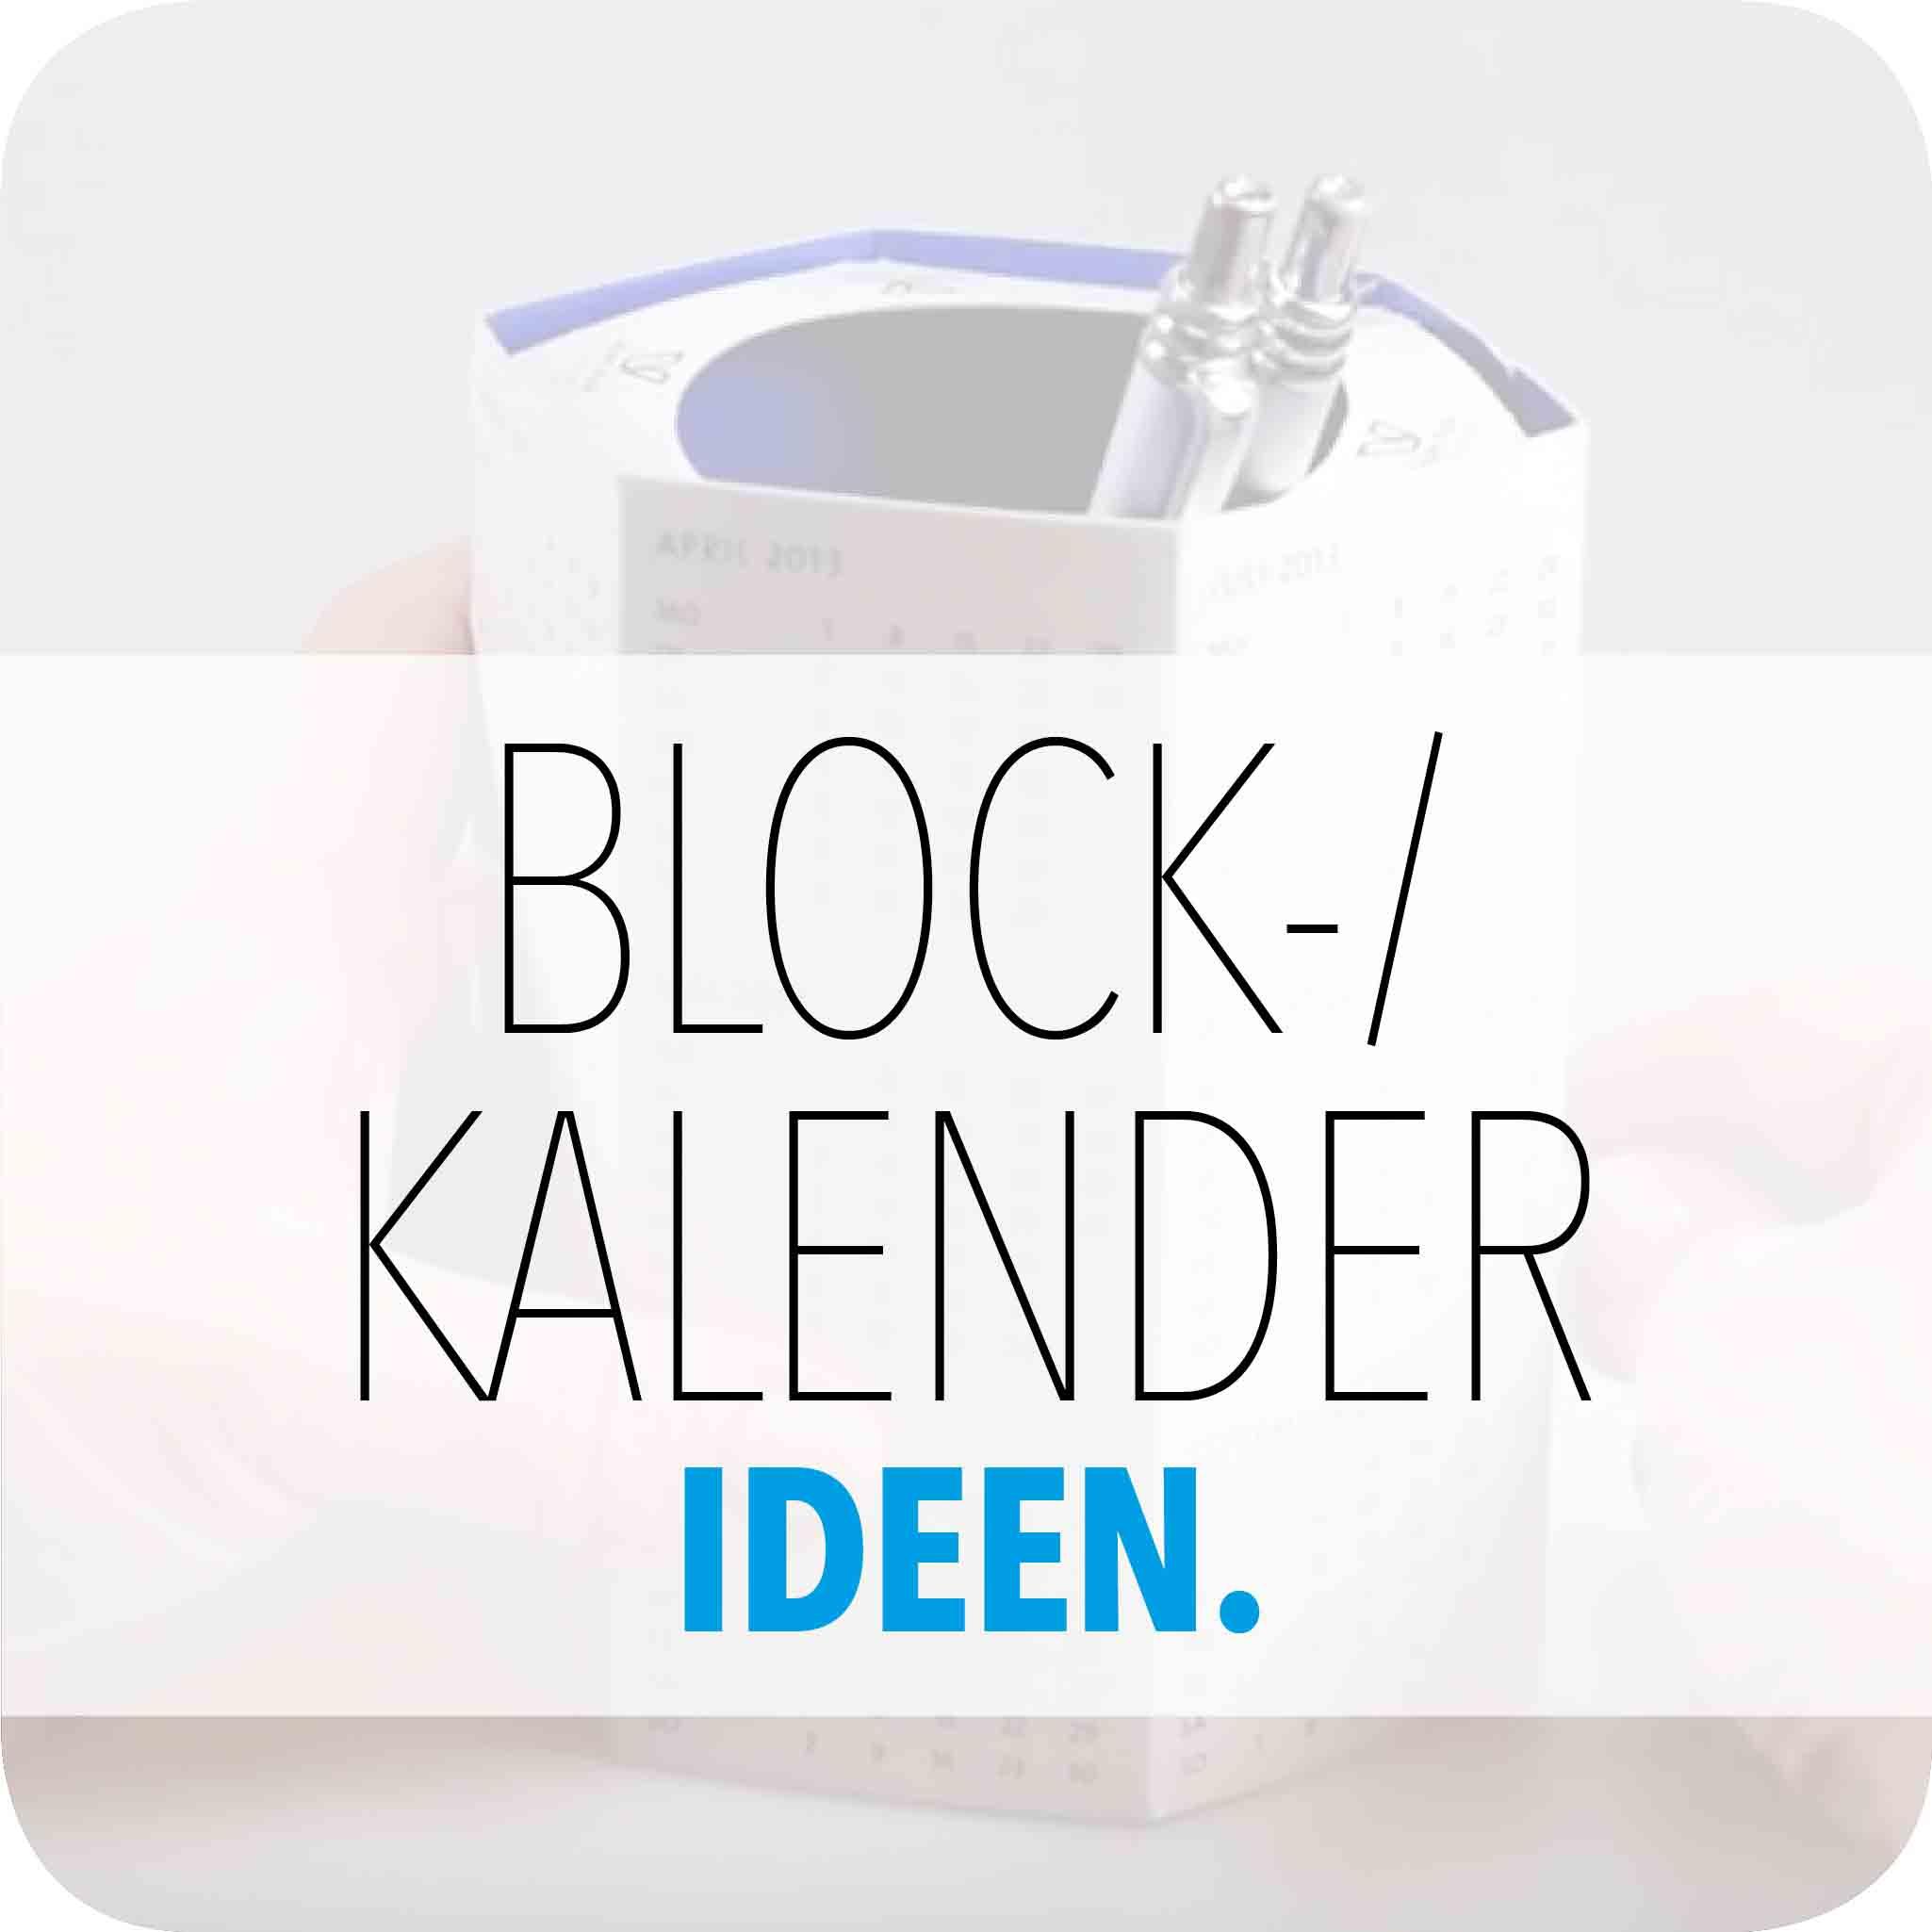 BLOCKS/KALENDER-IDEEN